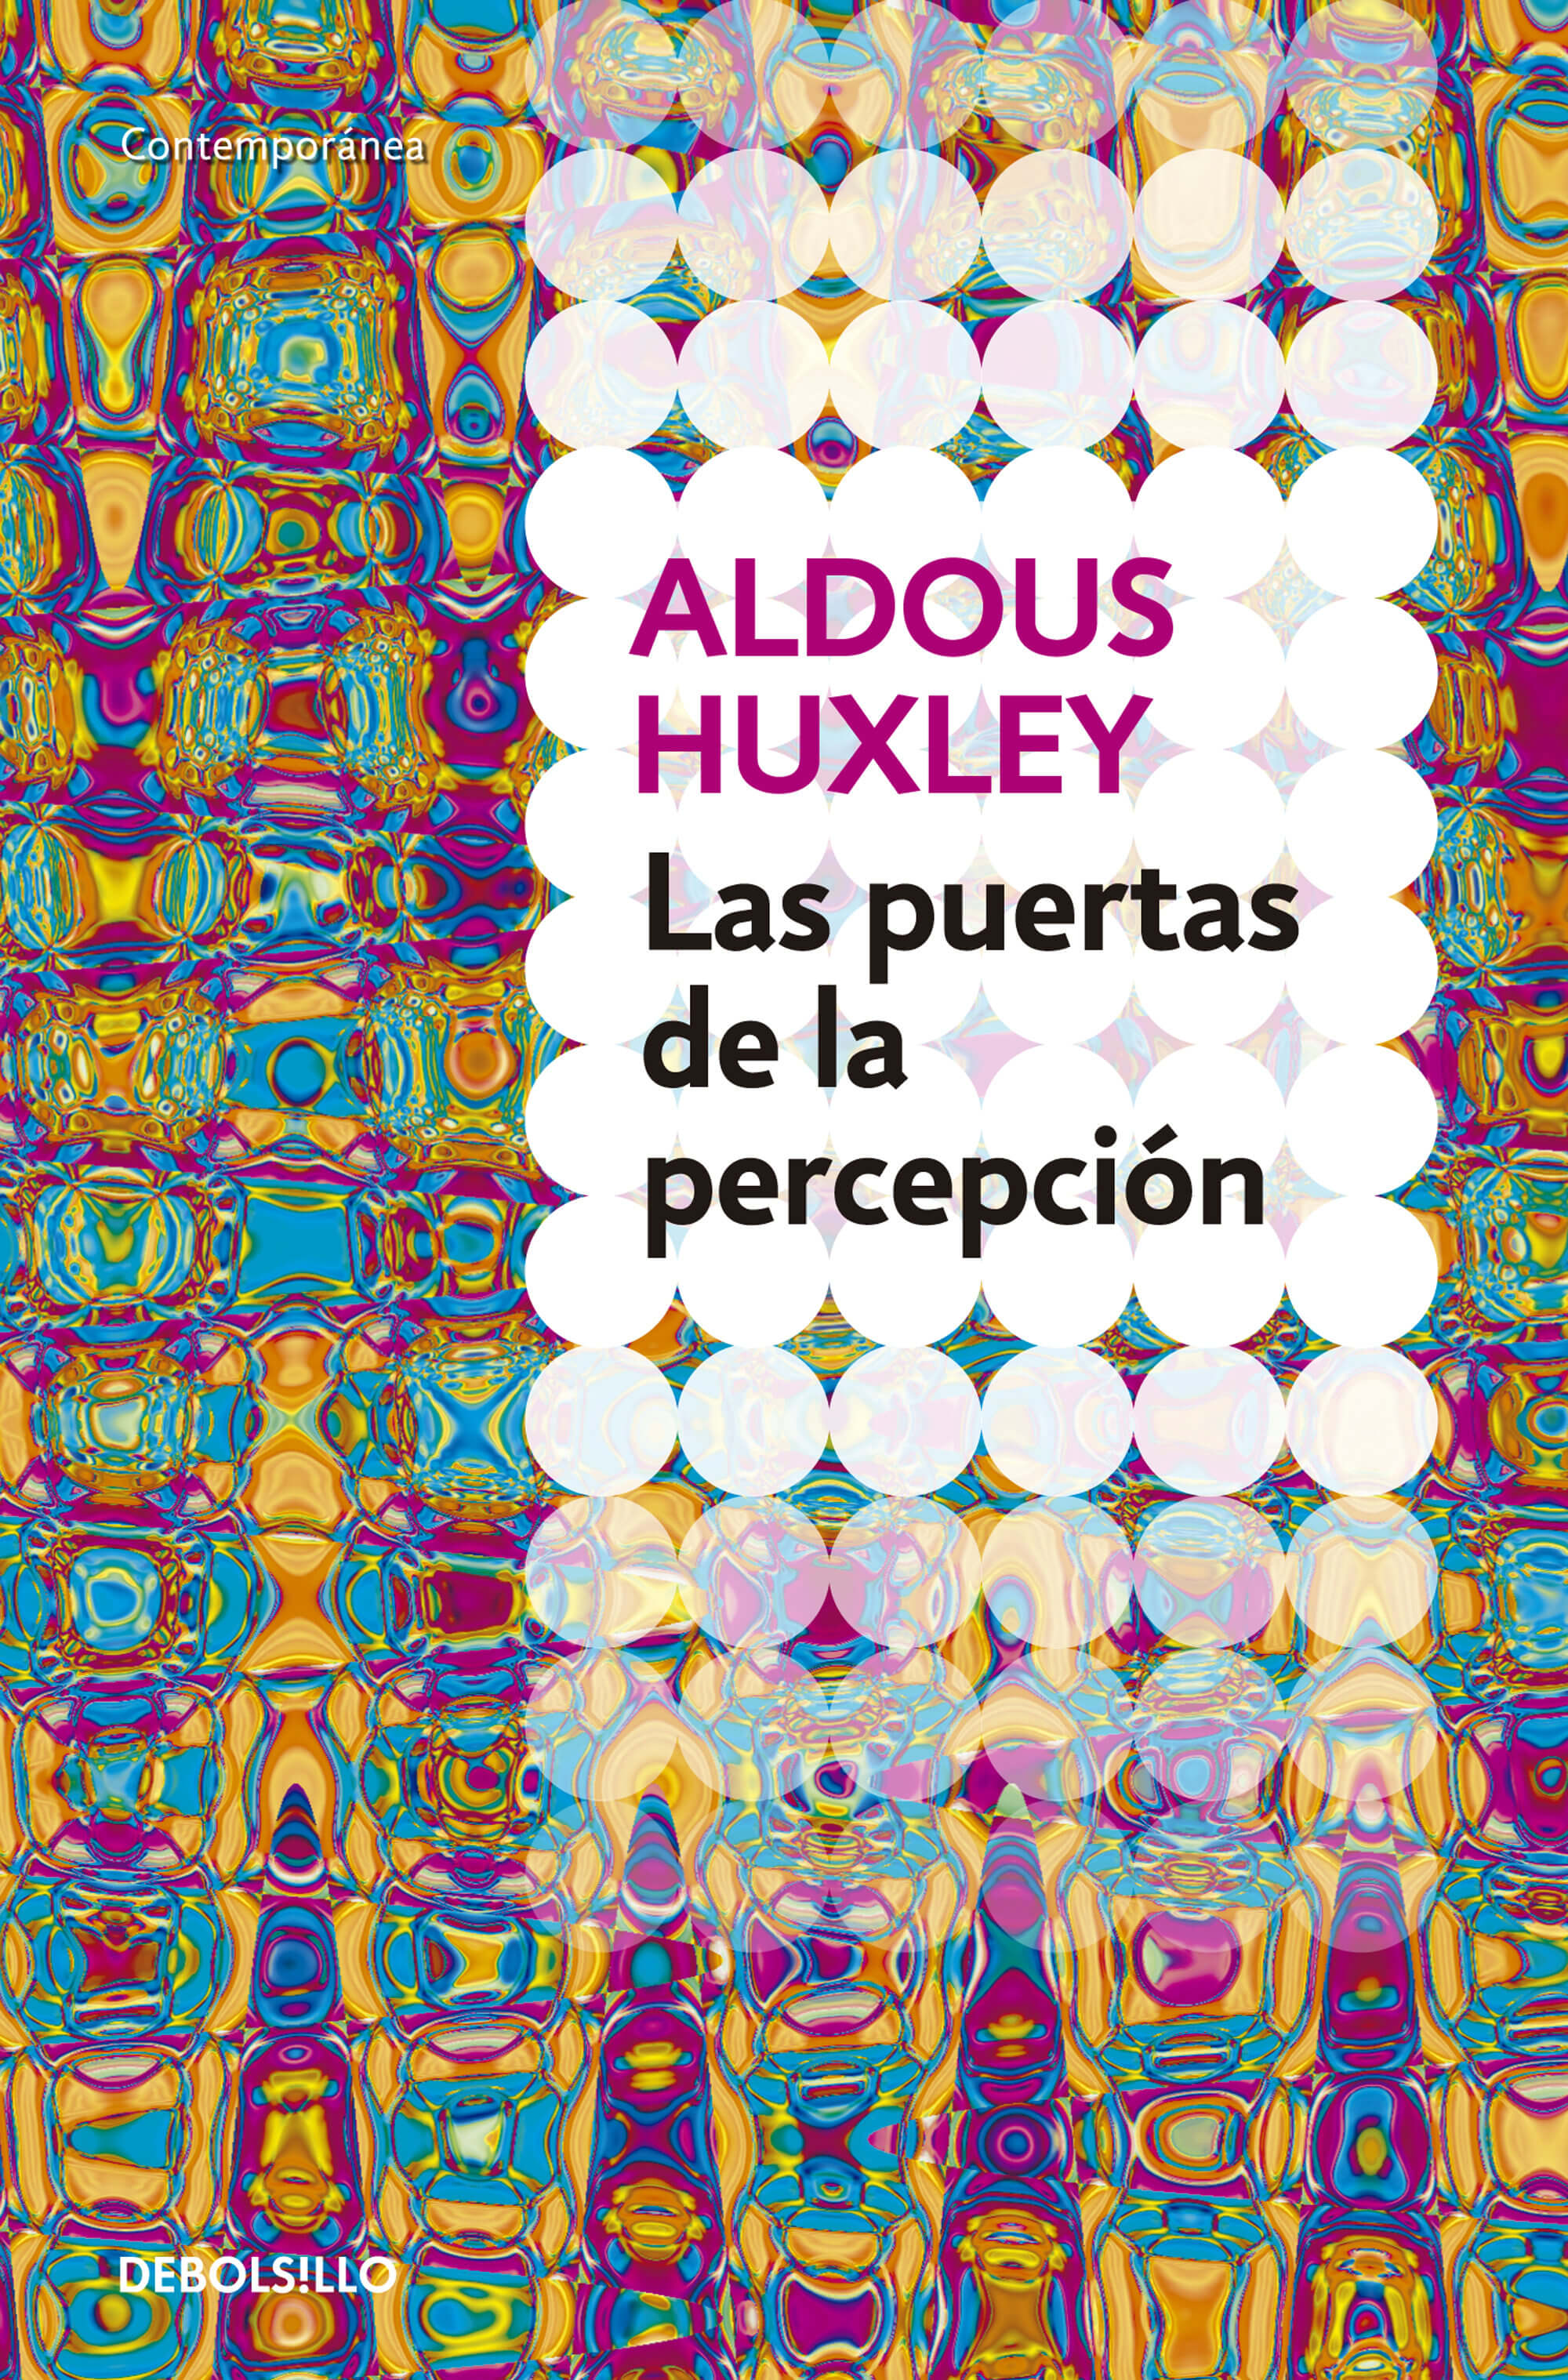 Las puertas de la percepción de Aldous Huxley en selección de libros de literatura y LSD